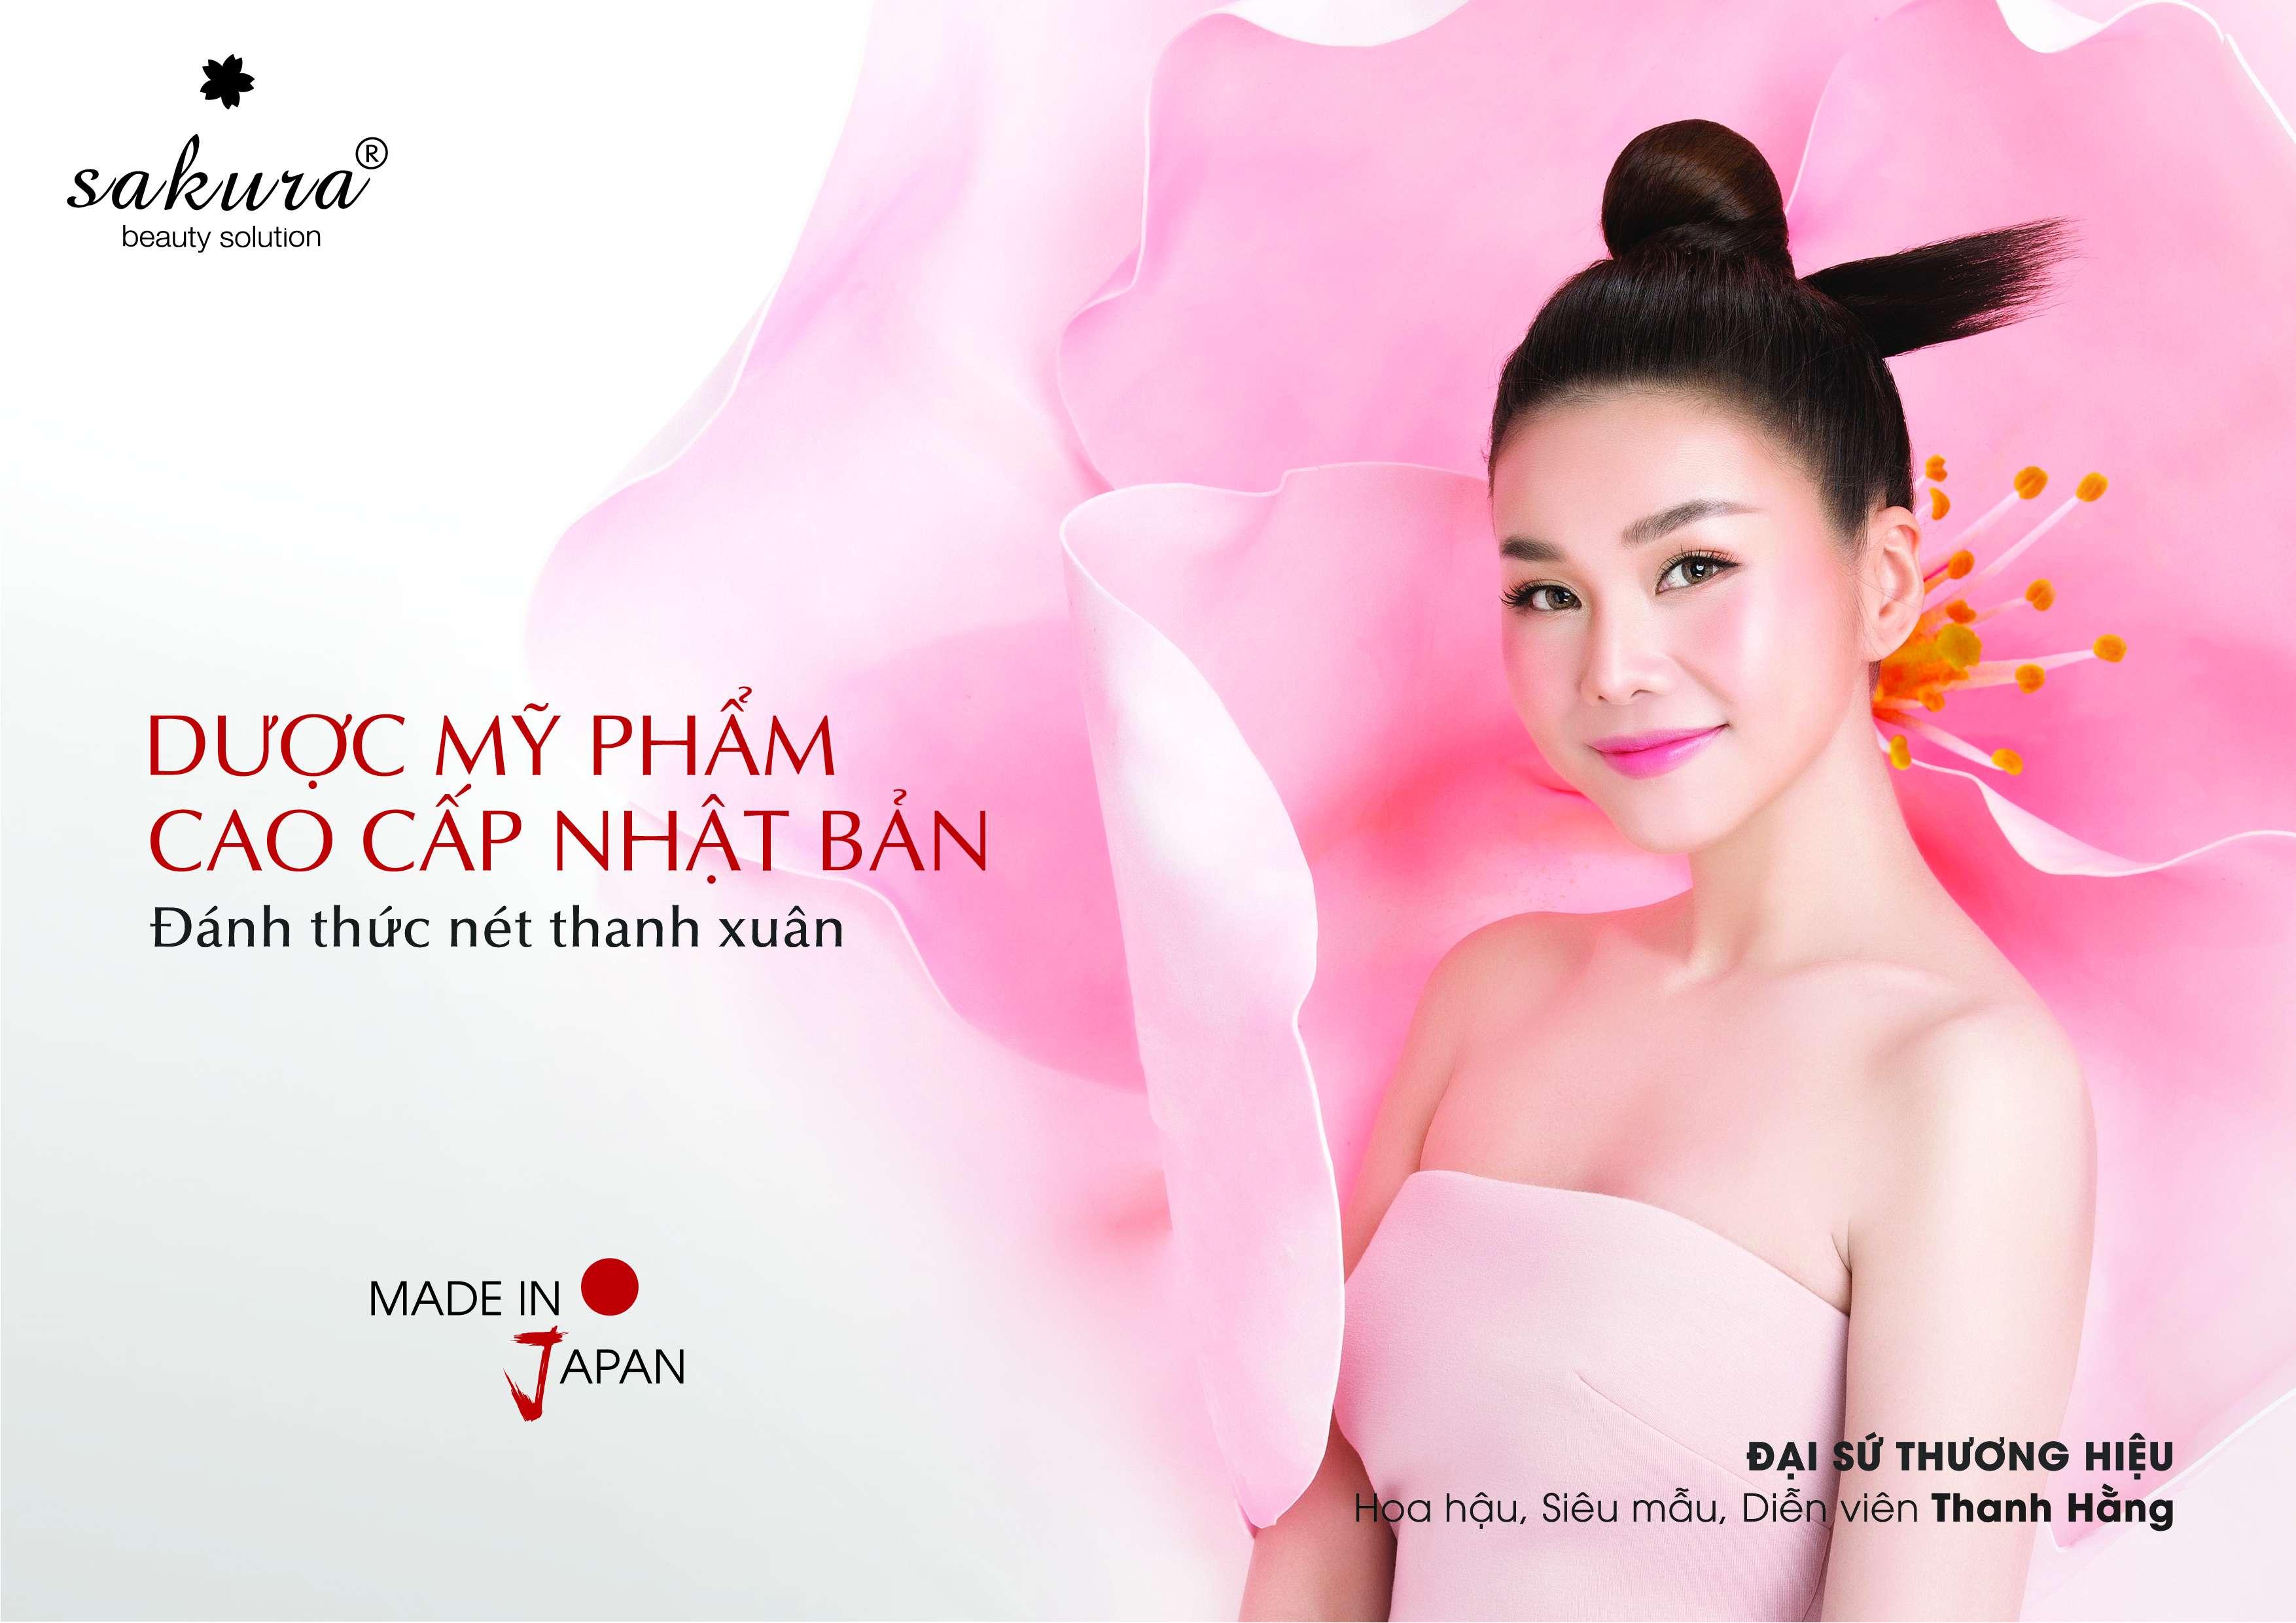 siêu mẫu Thanh Hằng trở thành đại diện thương hiệu Sakura 3